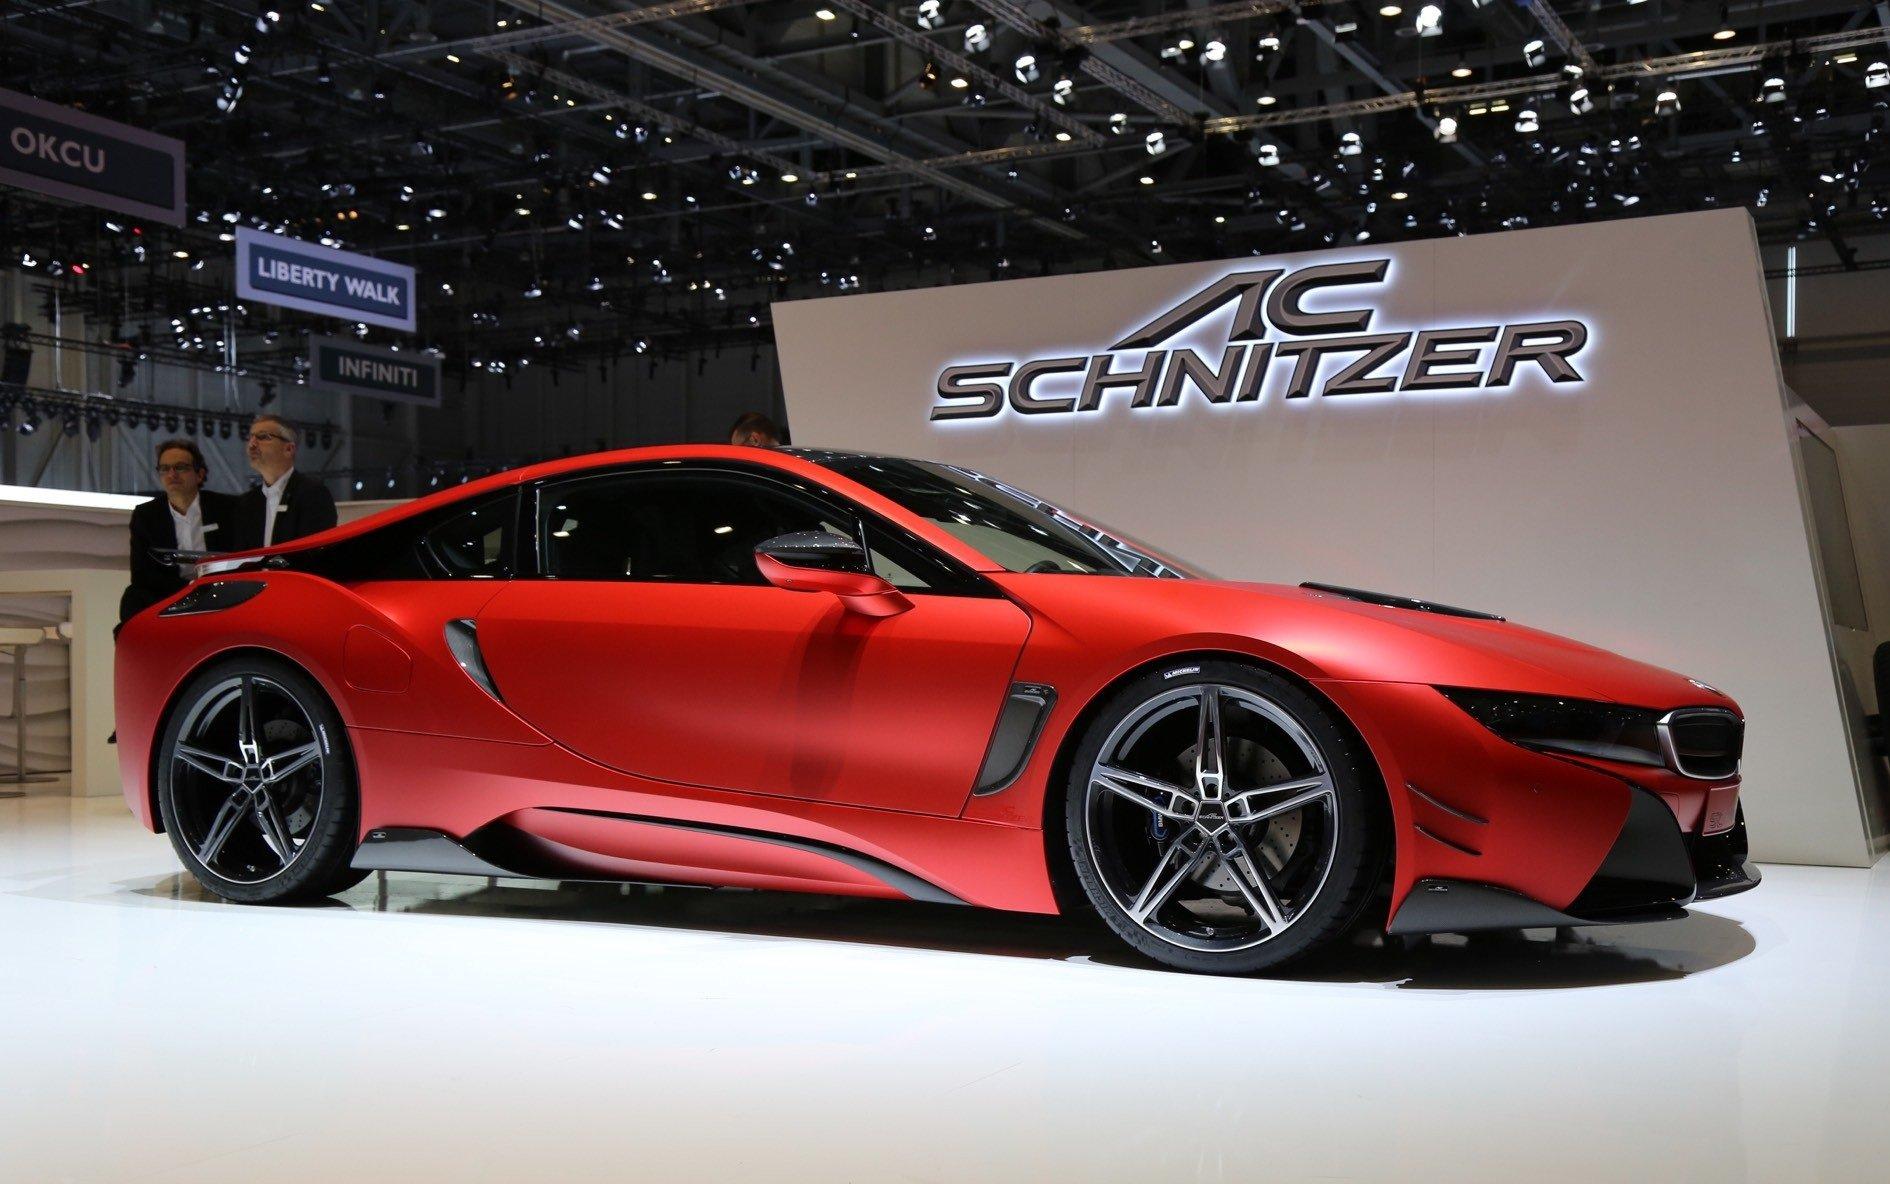 Кога најновата технологија ќе добие тунинг  BMW i8 од AC Schnitzer